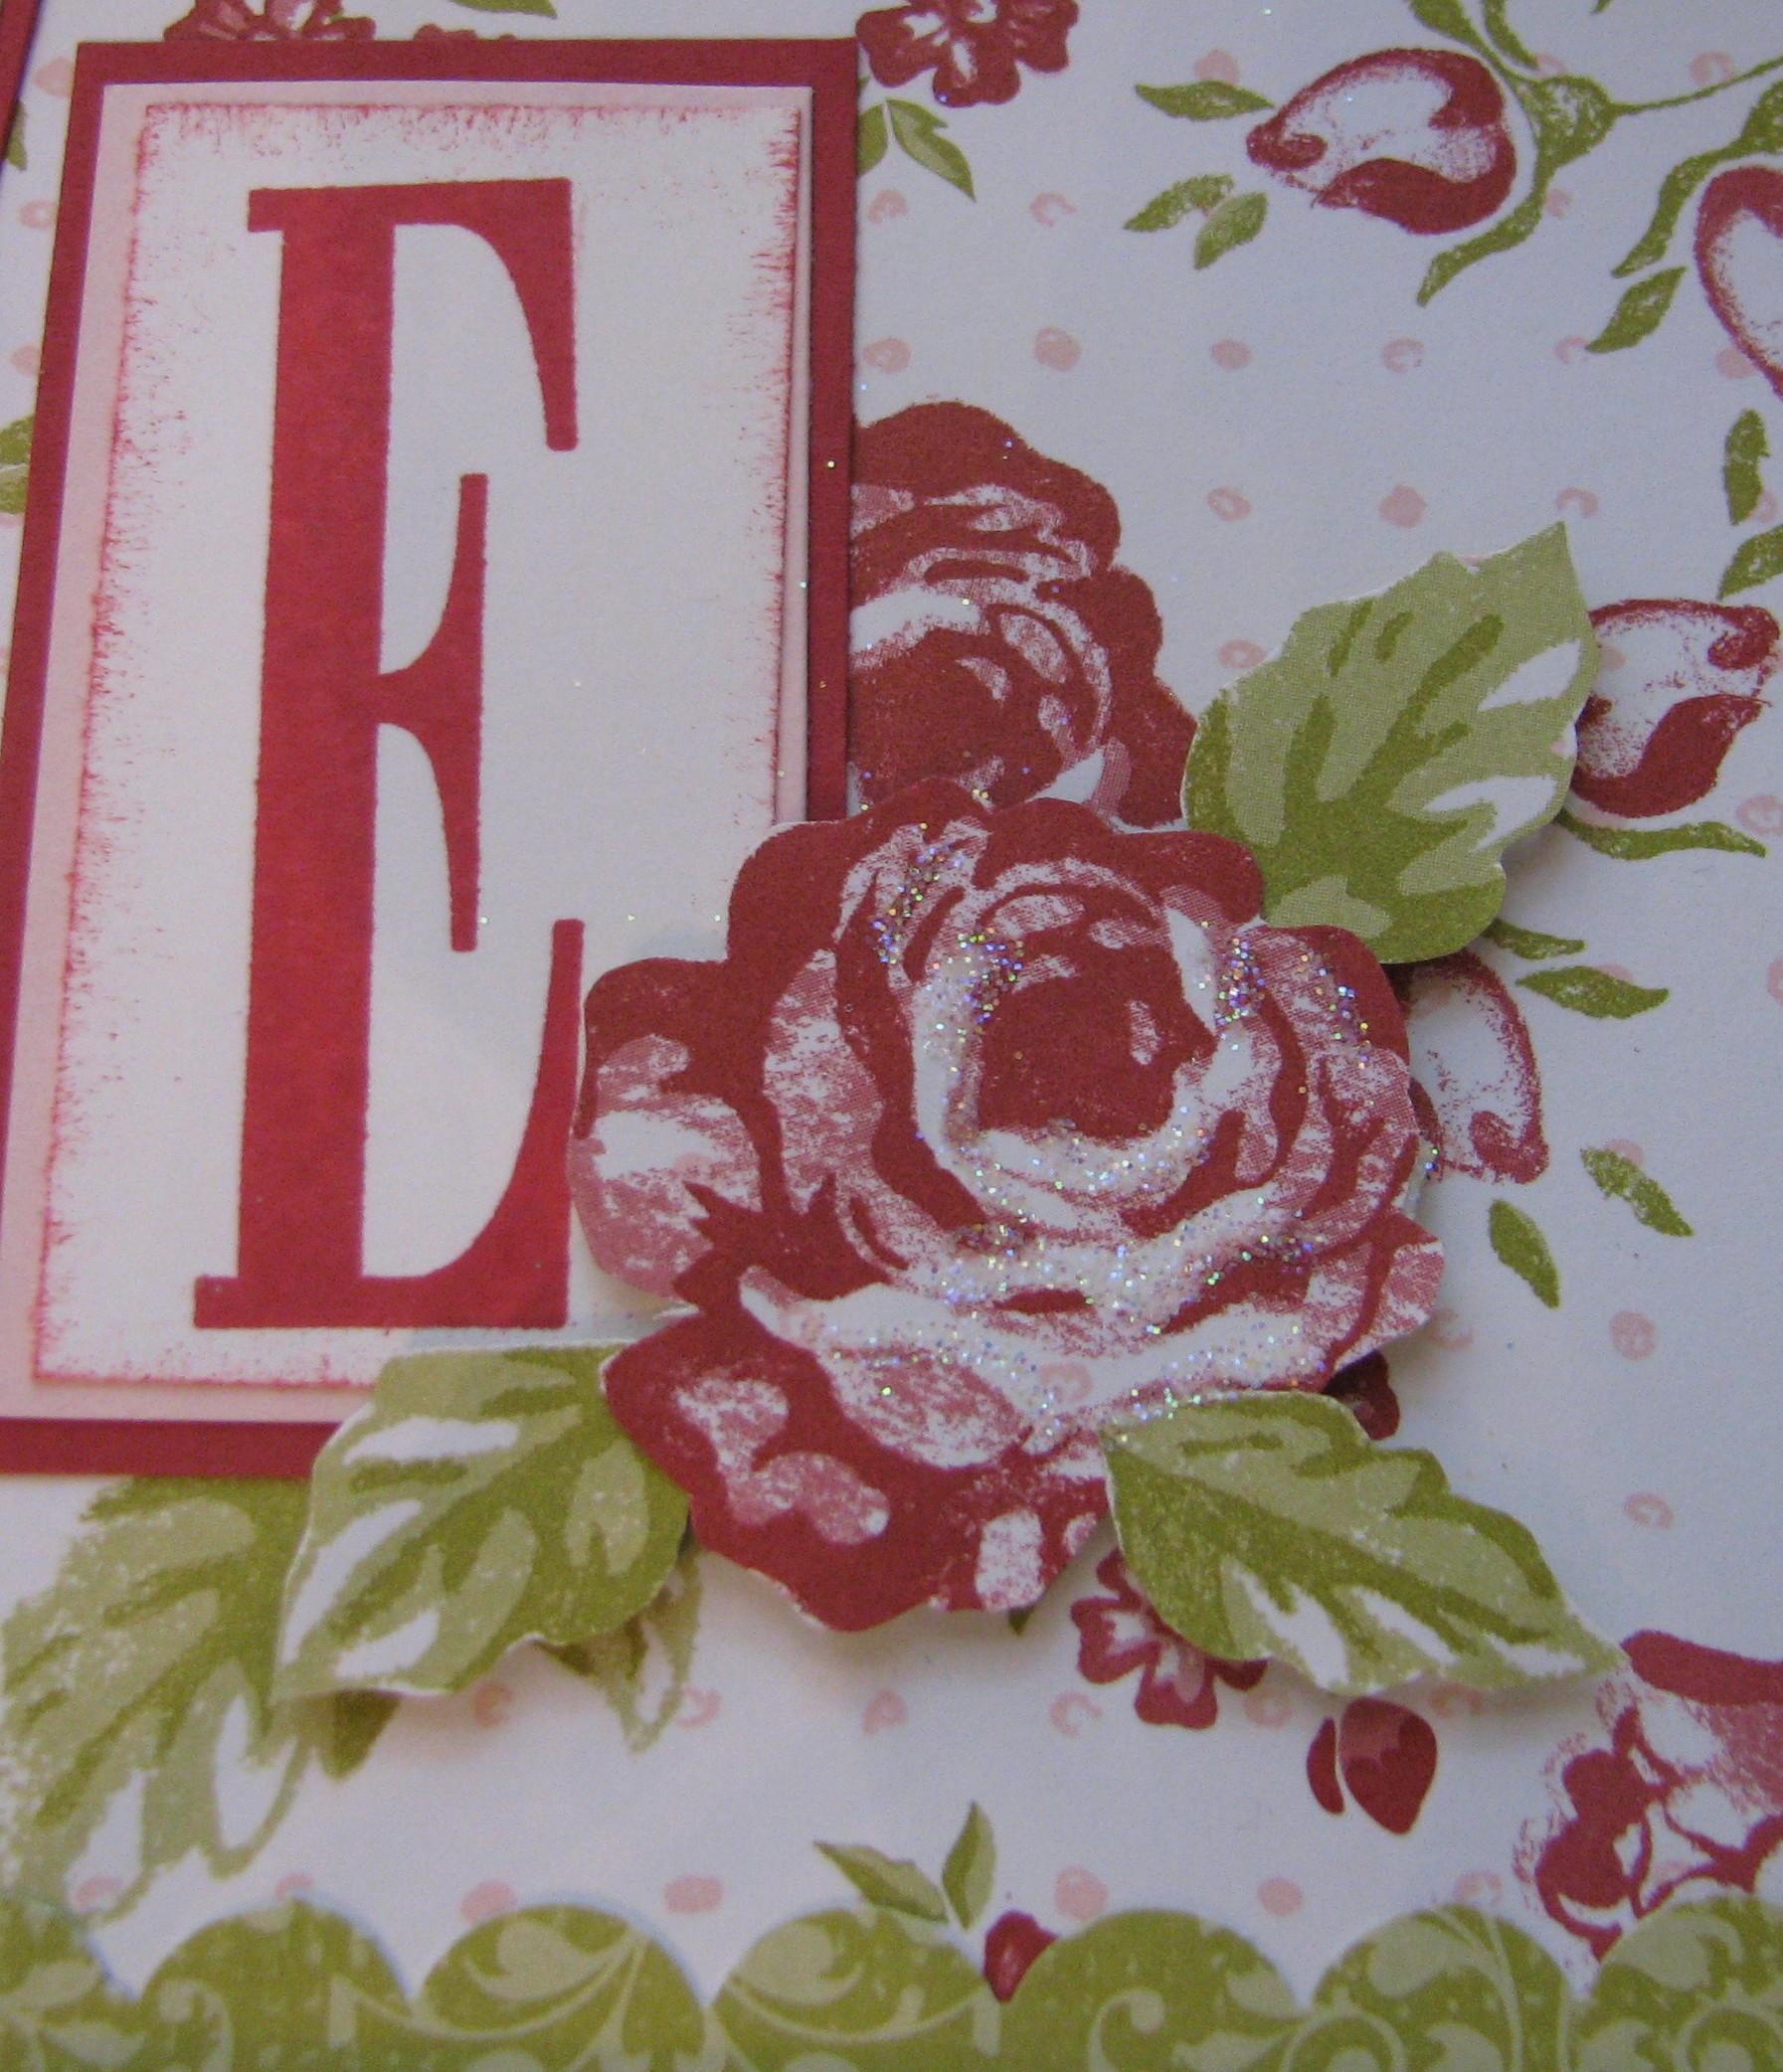 bella rose baby name frame stamping with karen